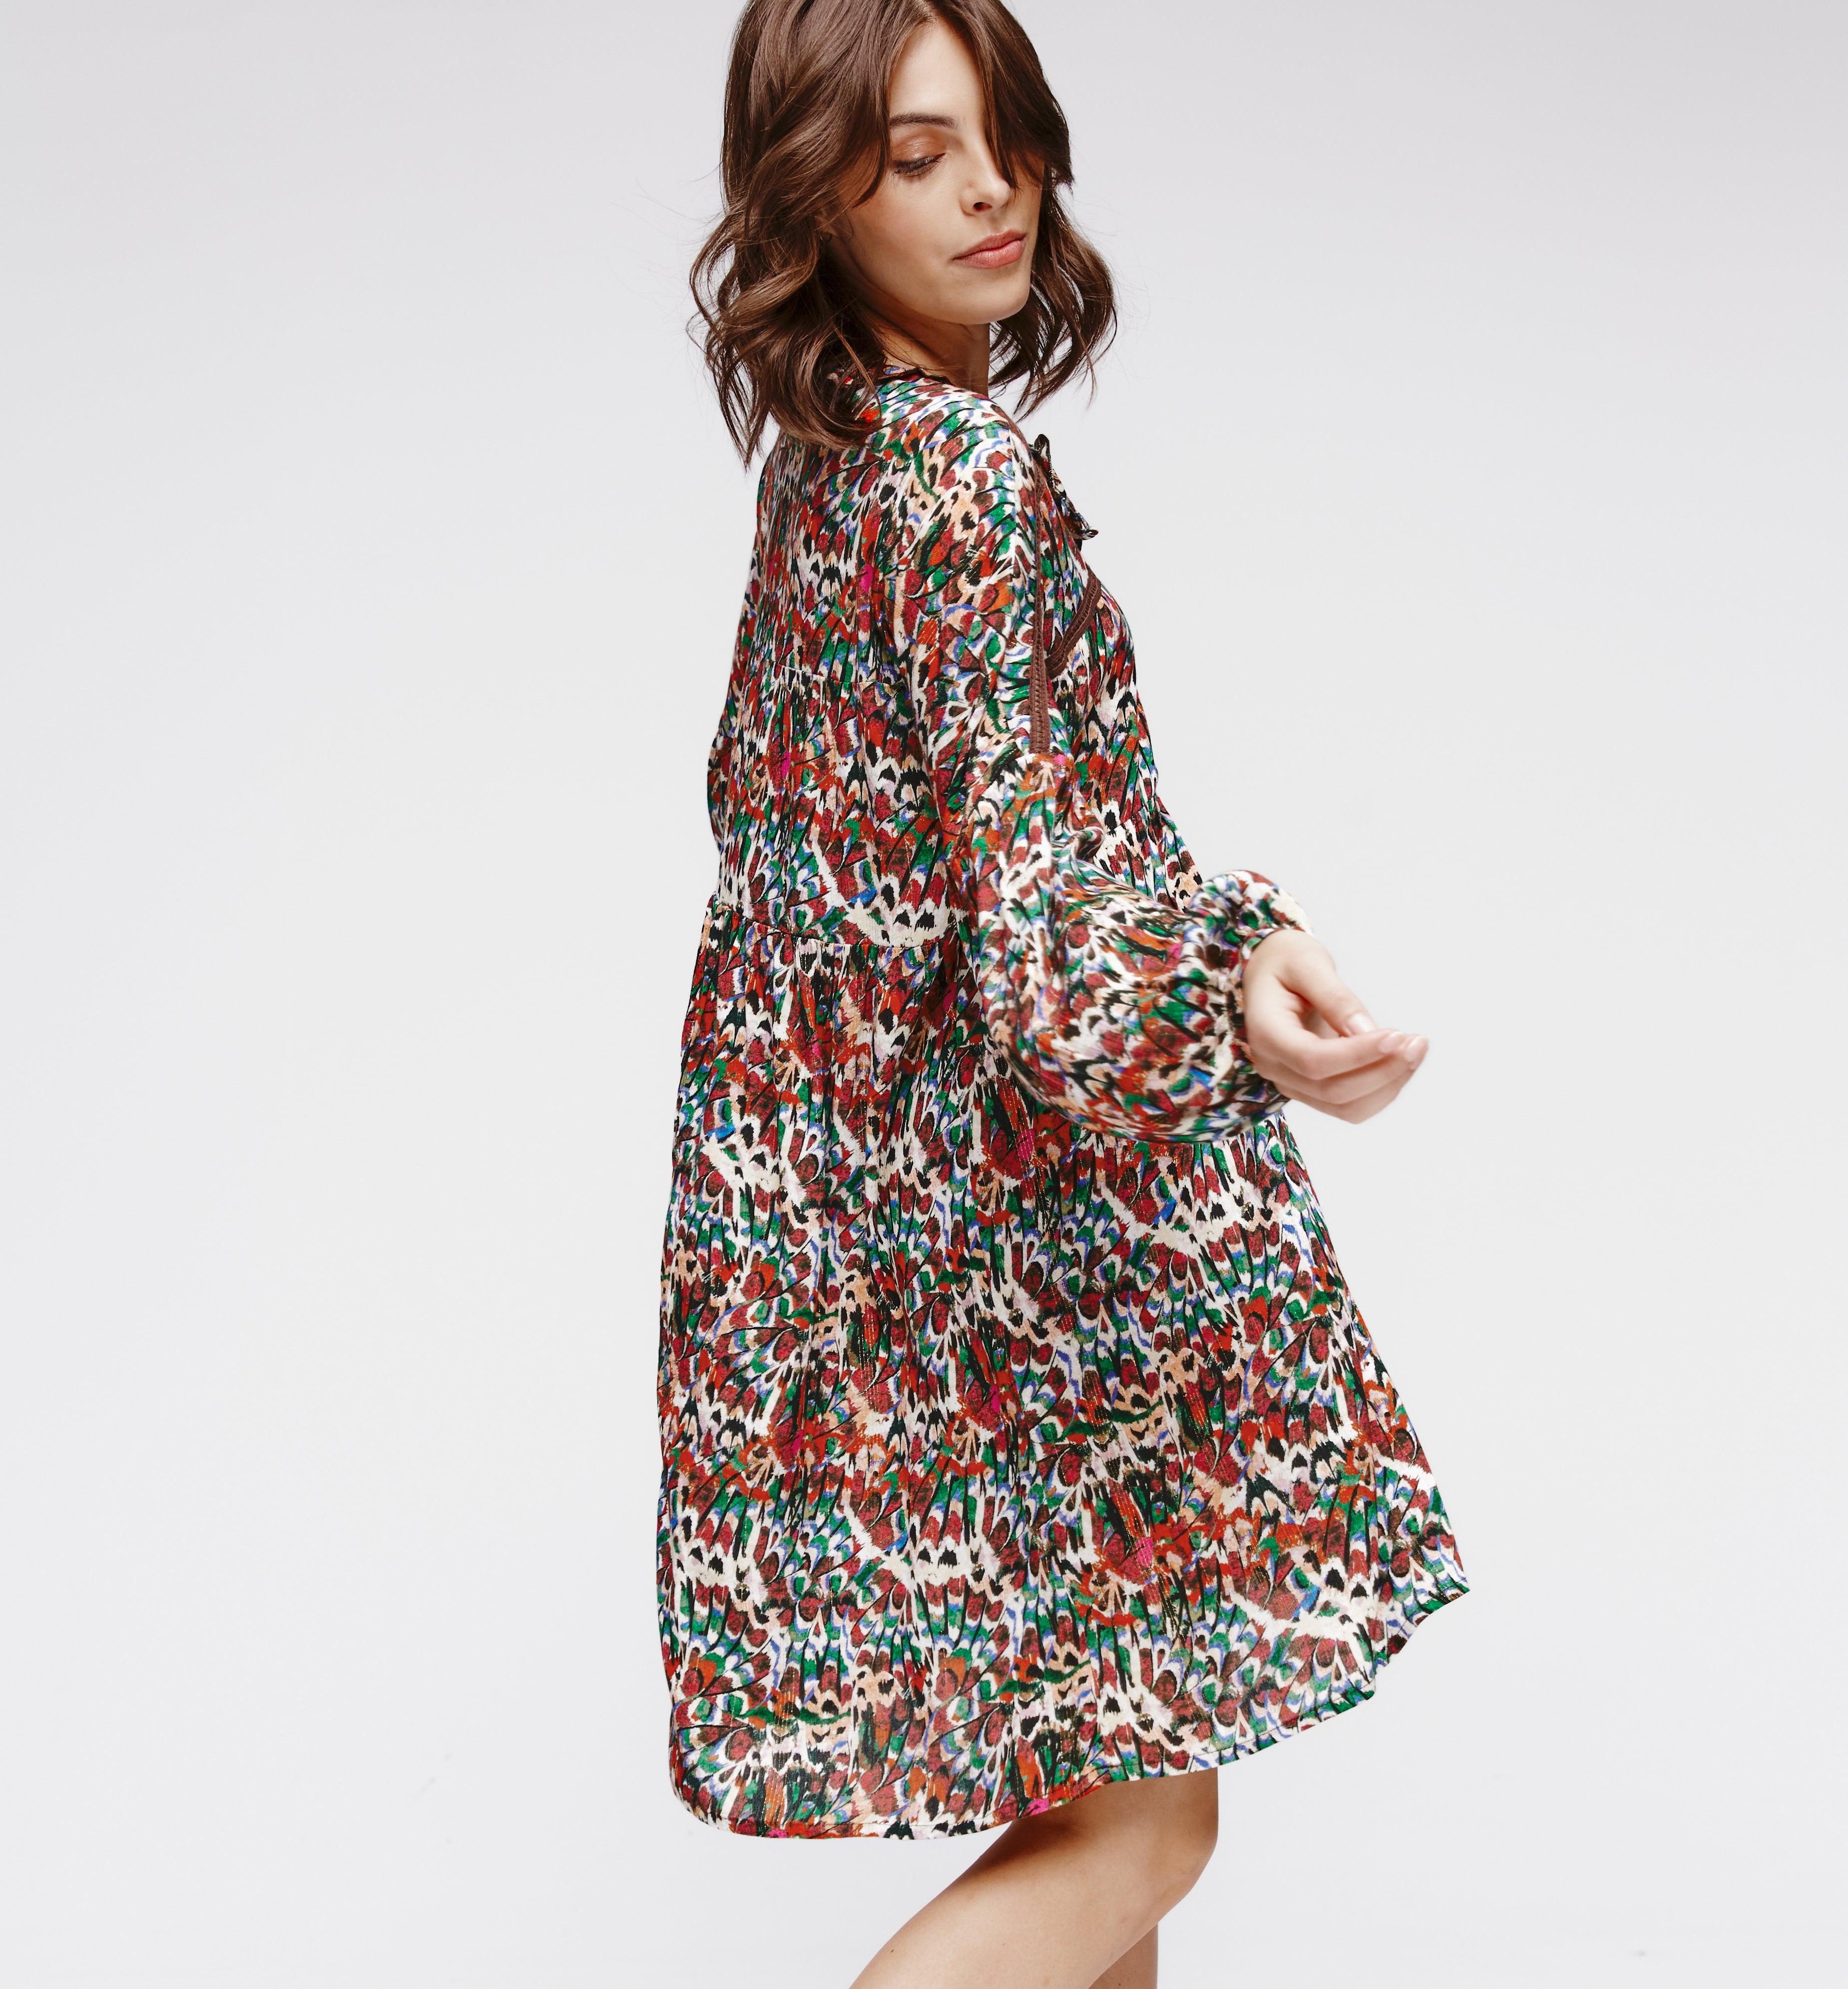 Robe imprimée Femme